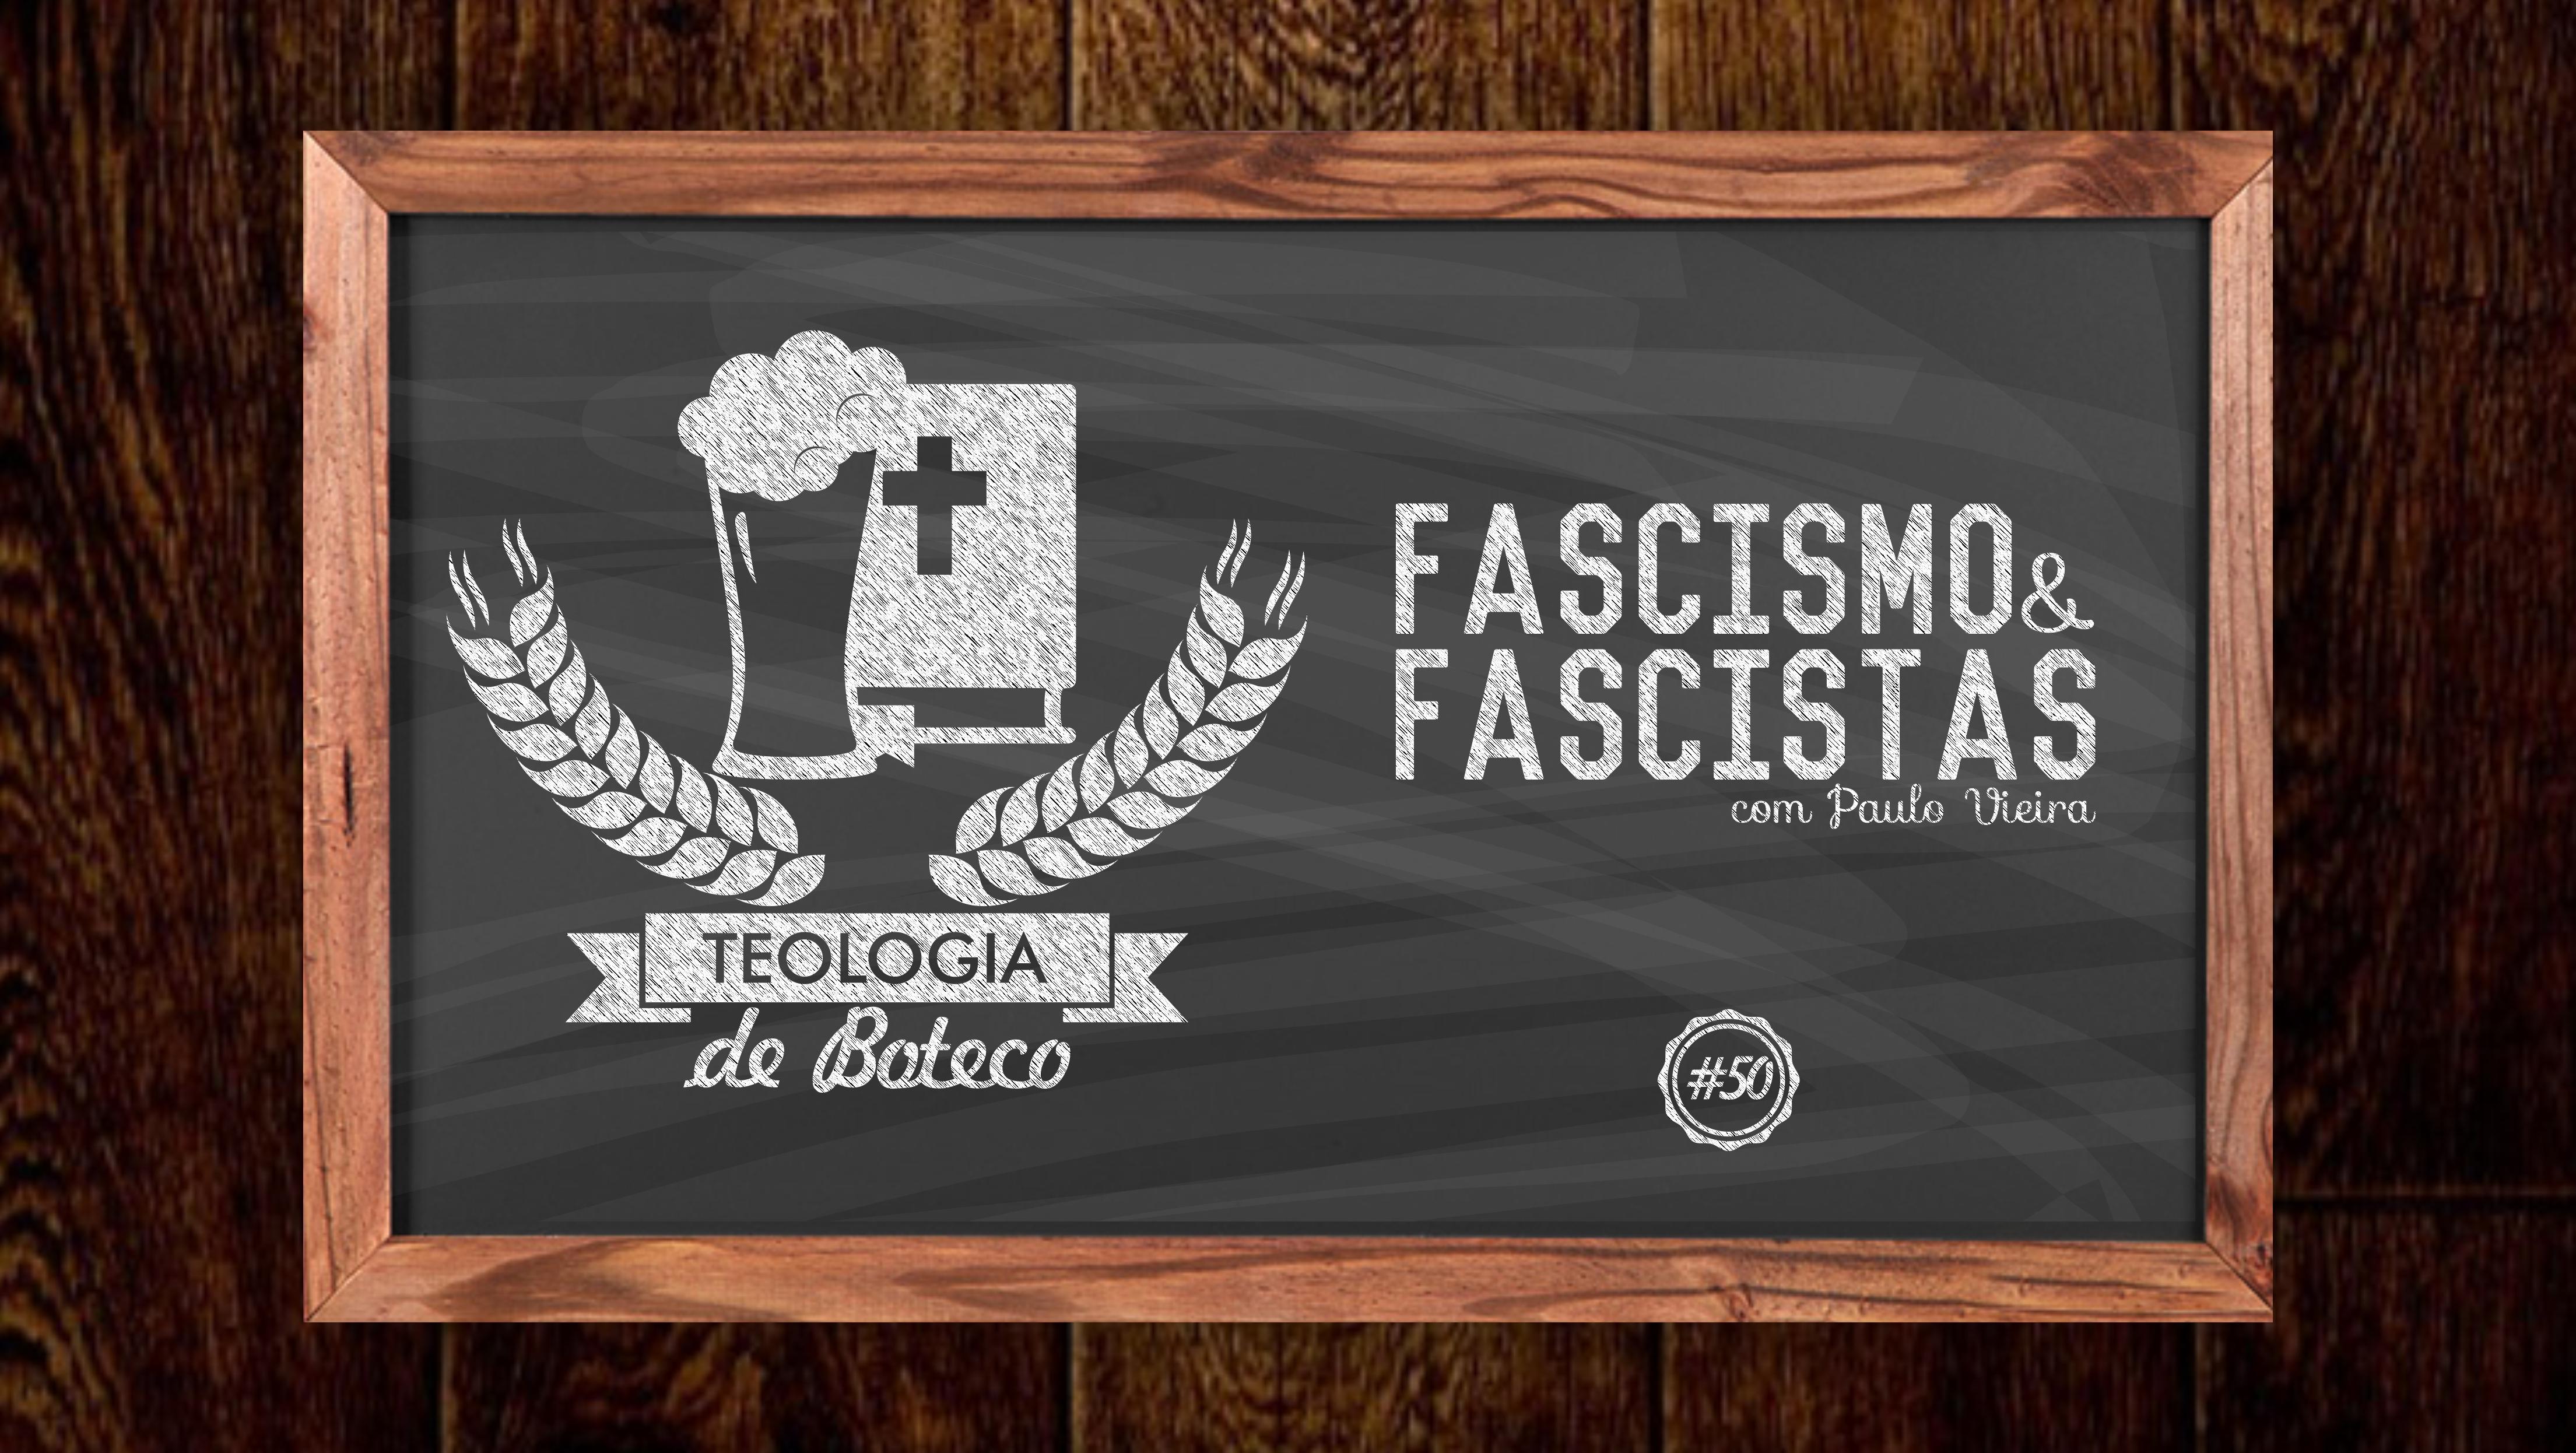 Teologia de Boteco 50 Fascismos e Fascistas